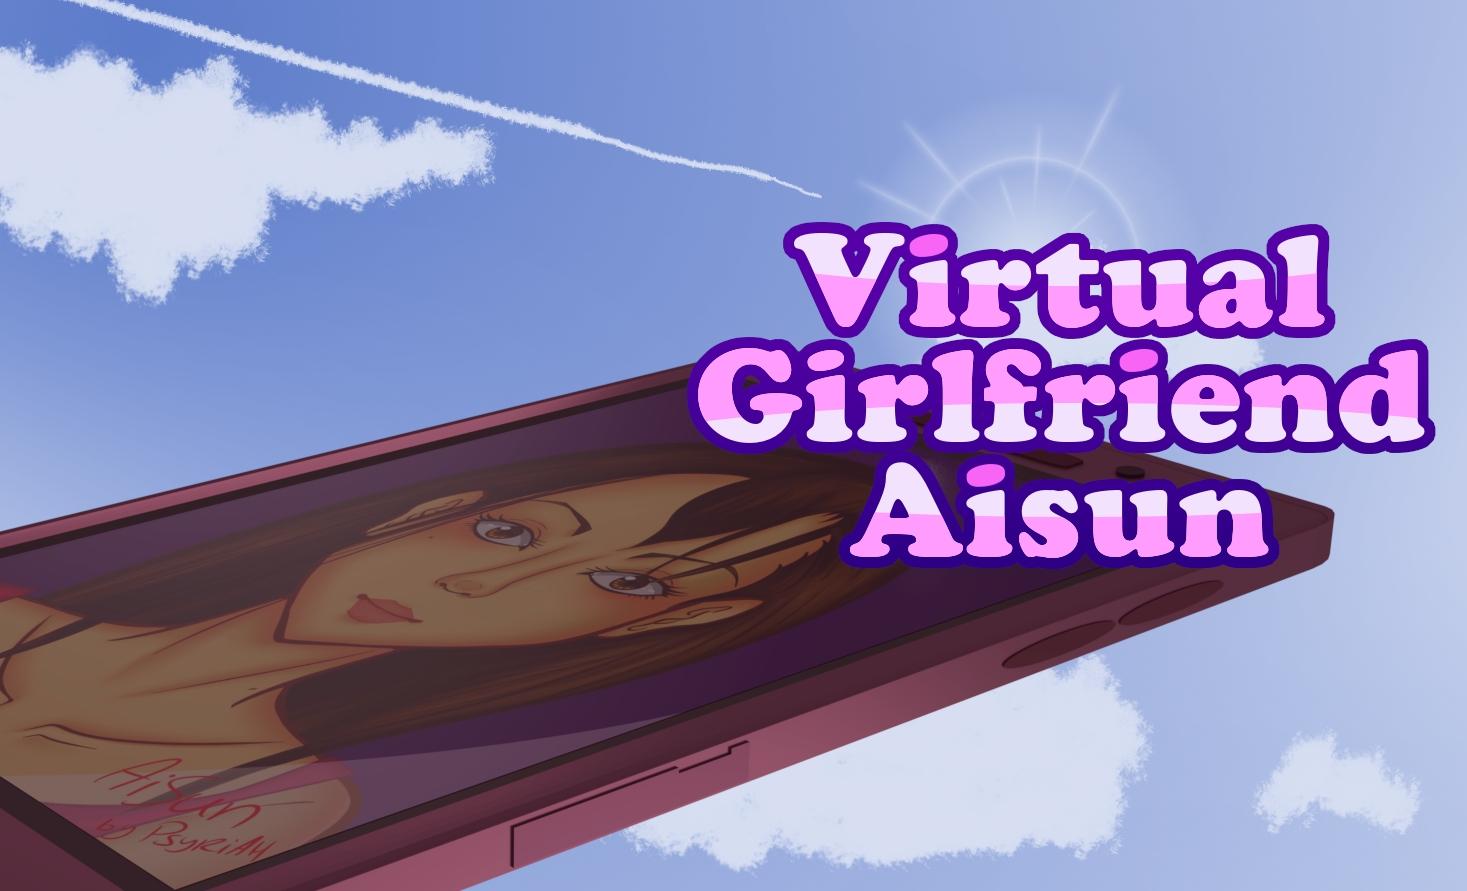 Project Development: Virtual Girlfriend Aisun